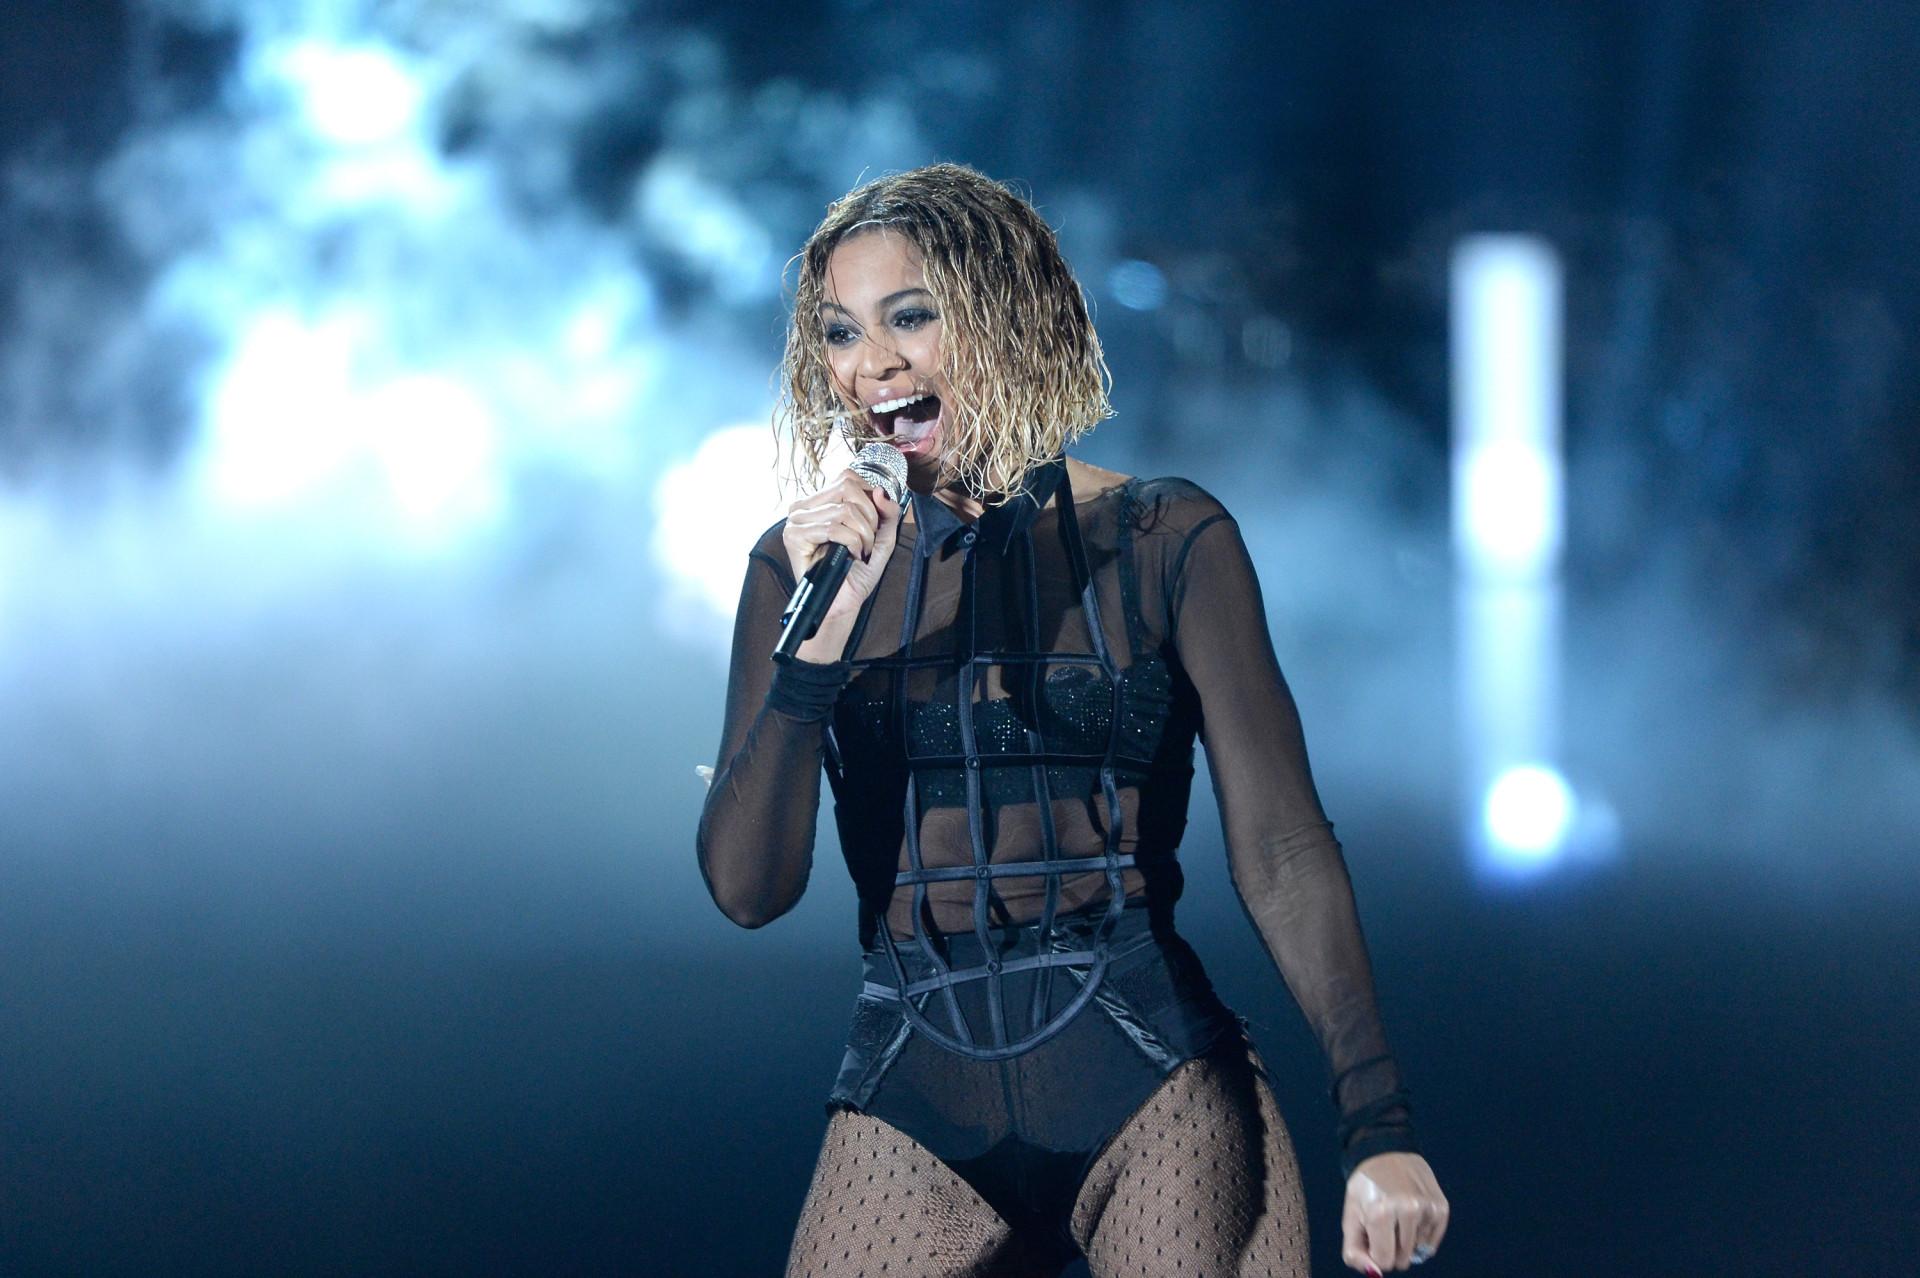 Rainha da moda: a evolução do estilo de Beyoncé!